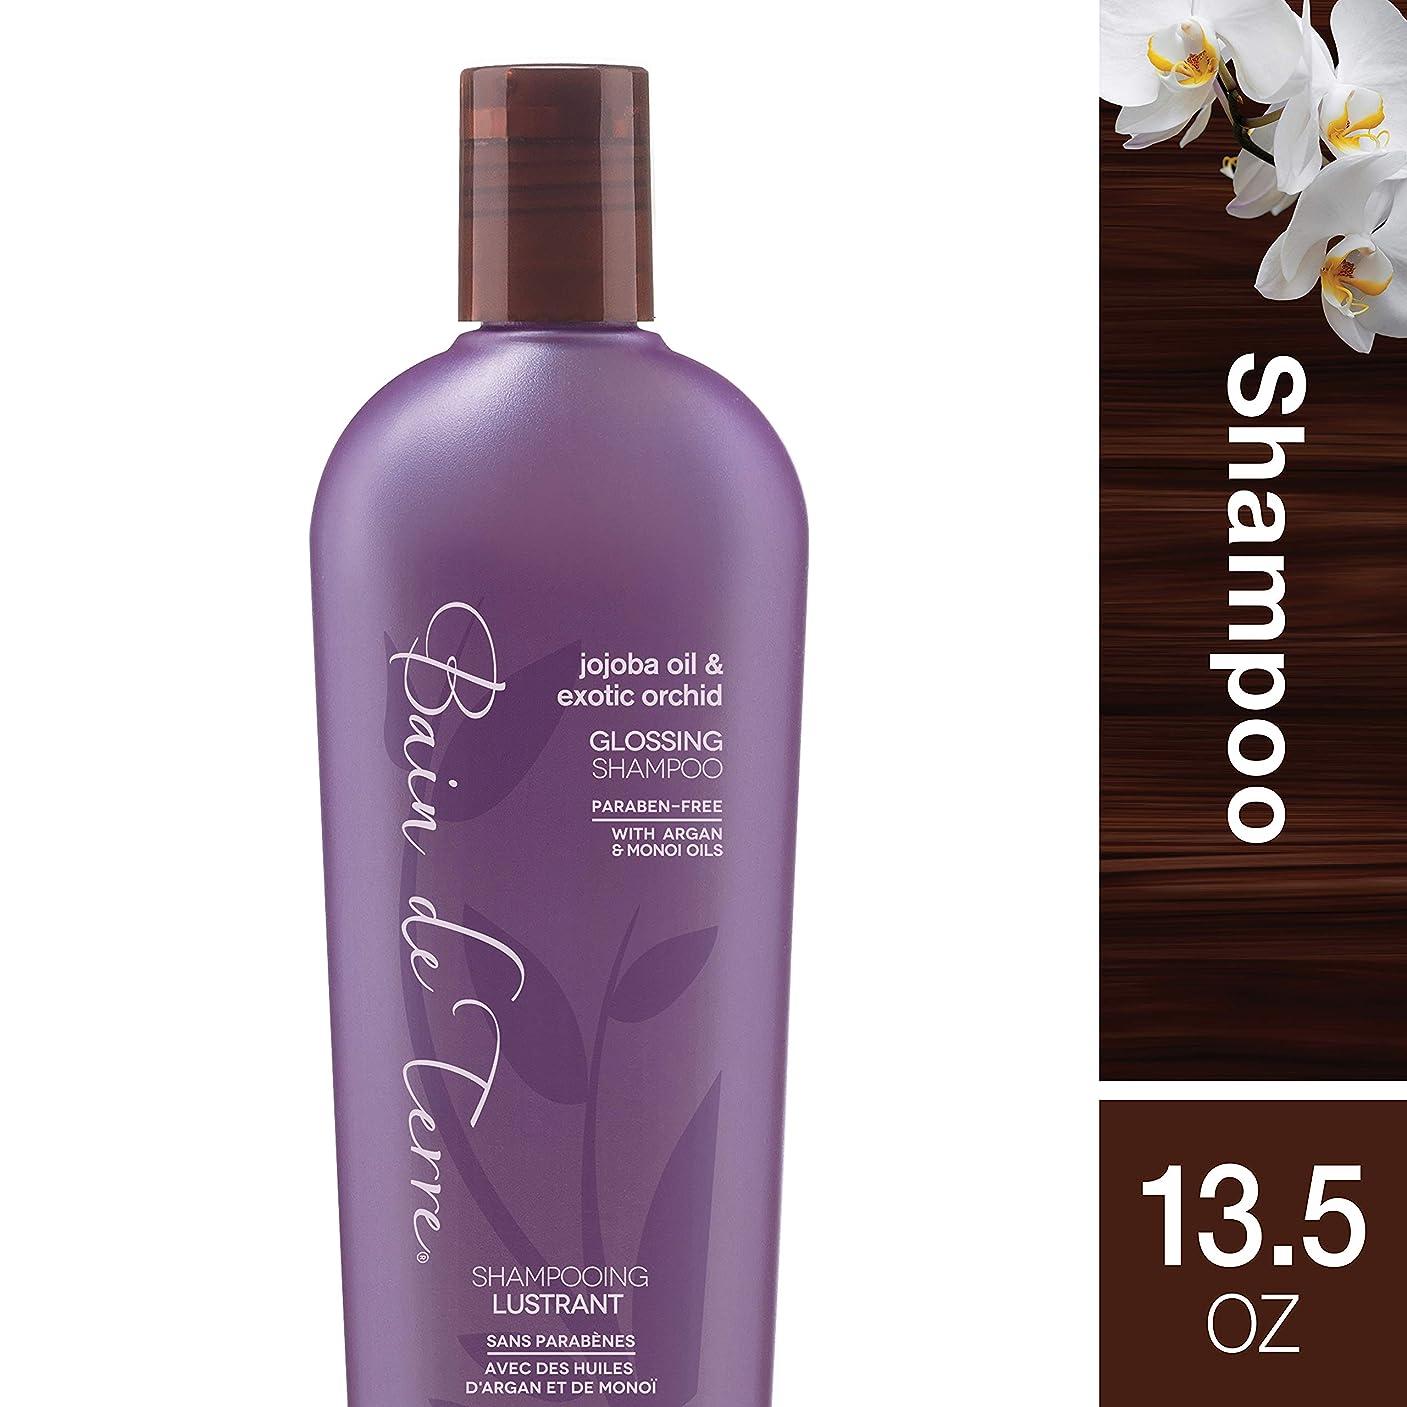 を必要としていますかすれたバンカーJOJOBA & OIL GLOSSING shampoo 400 ml